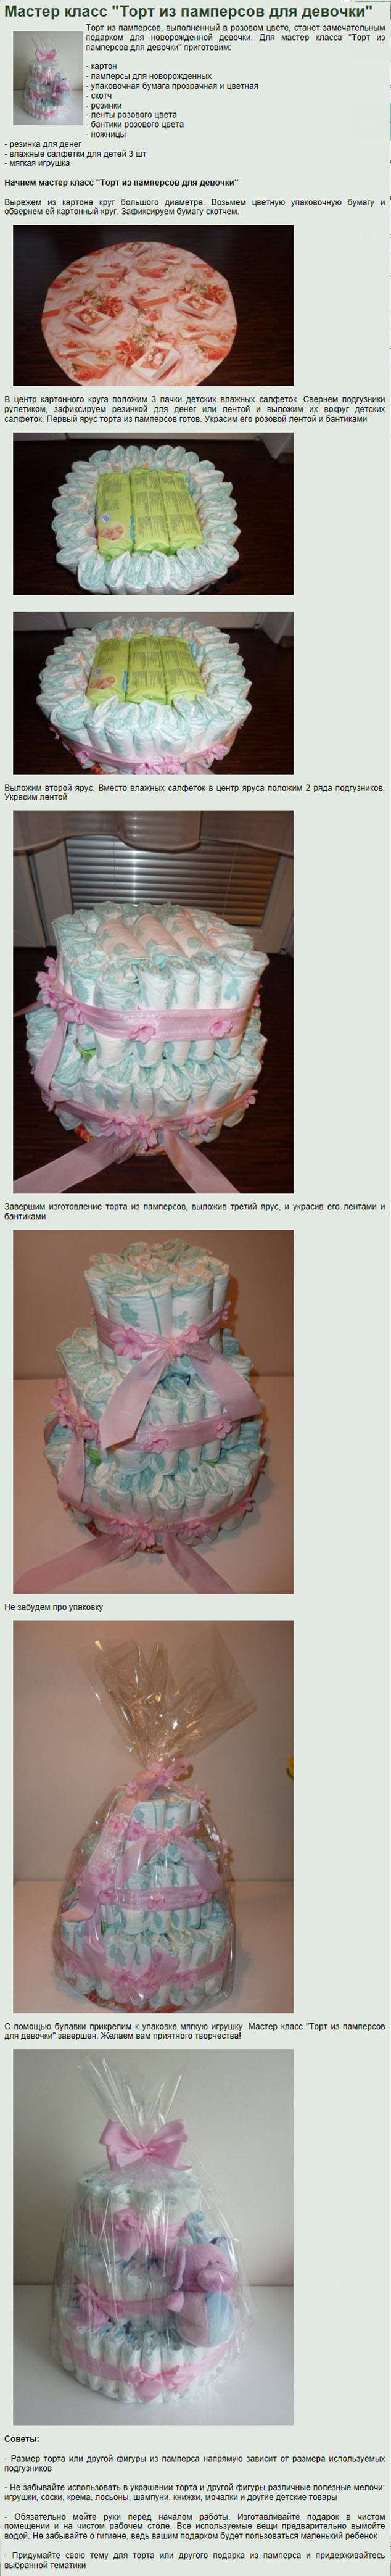 Торт из памперсов для девочек и мальчиков своими руками